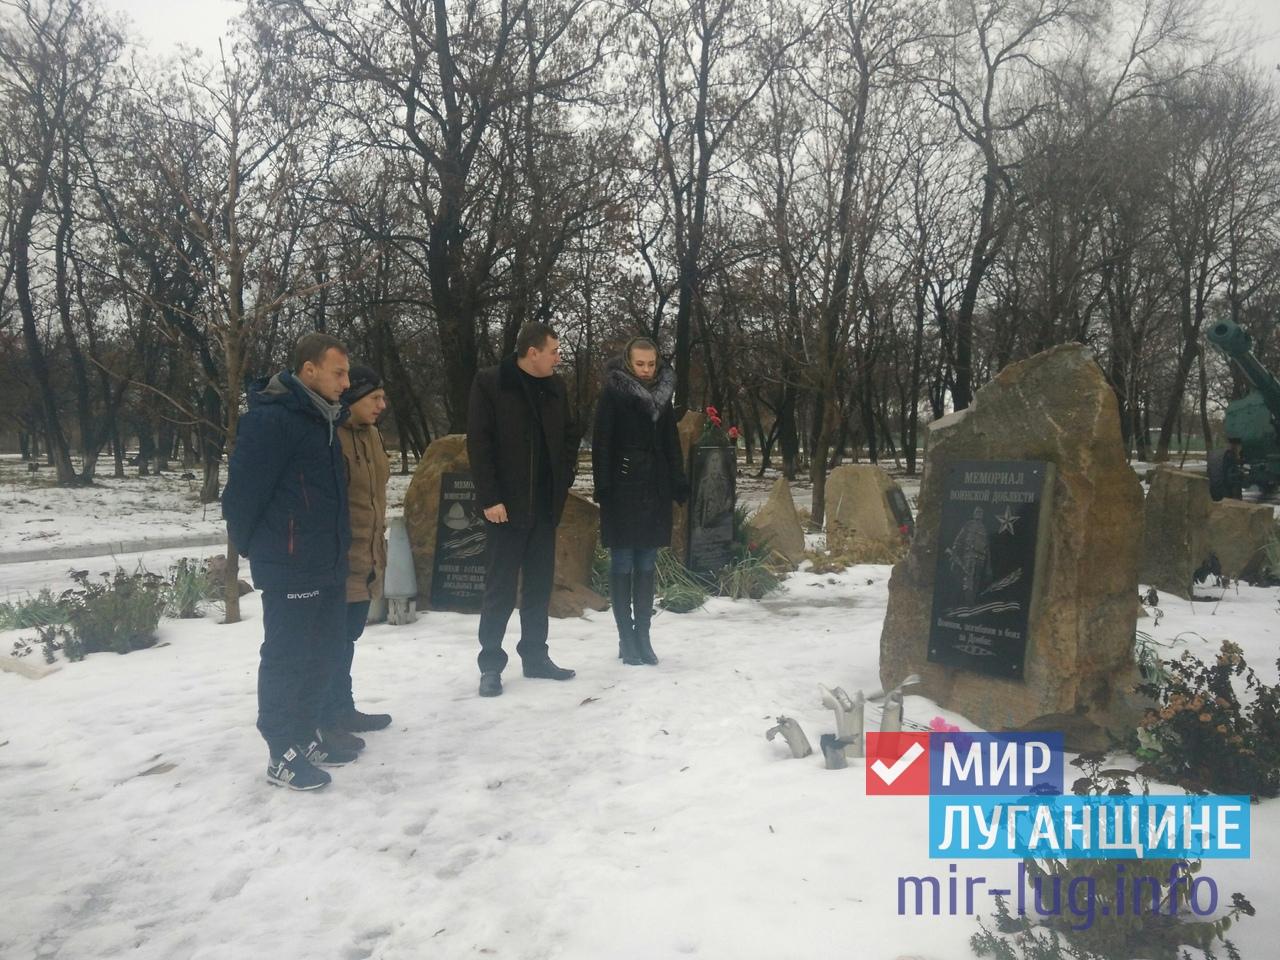 Жители Перевальска почтили память погибшего защитника Донбасса 1